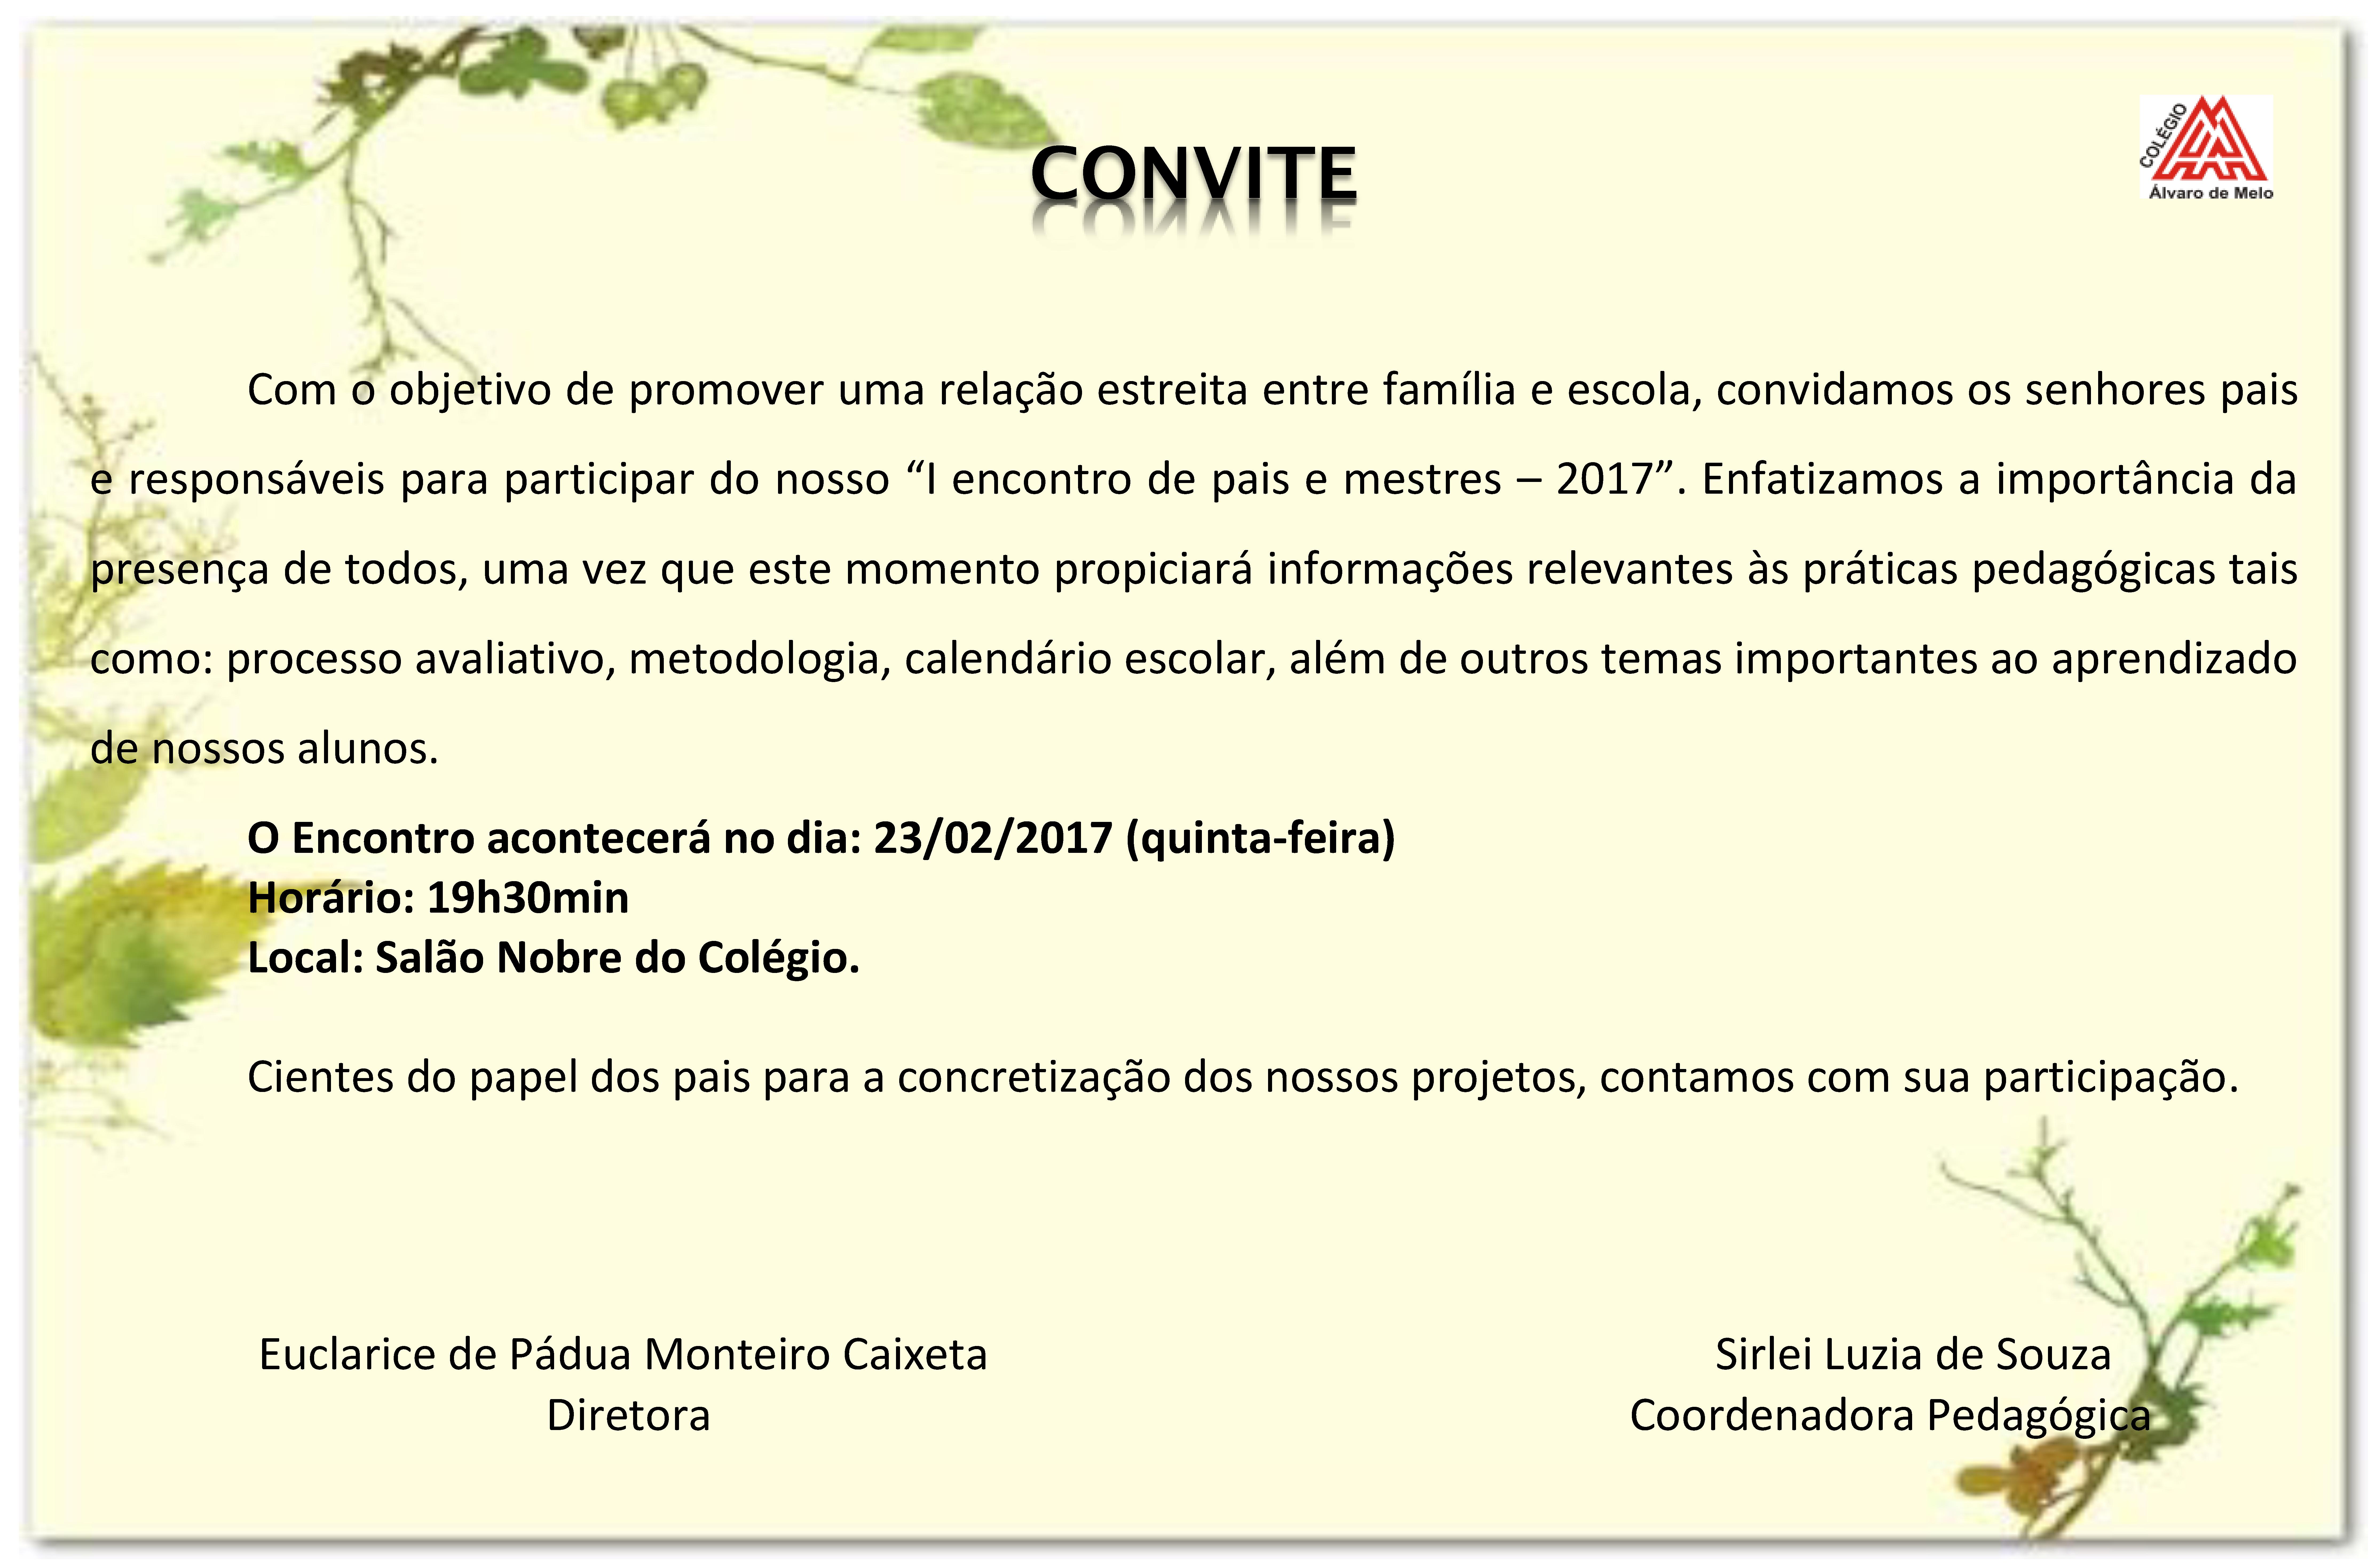 convite-1a-reuniao-de-pais-2017-3